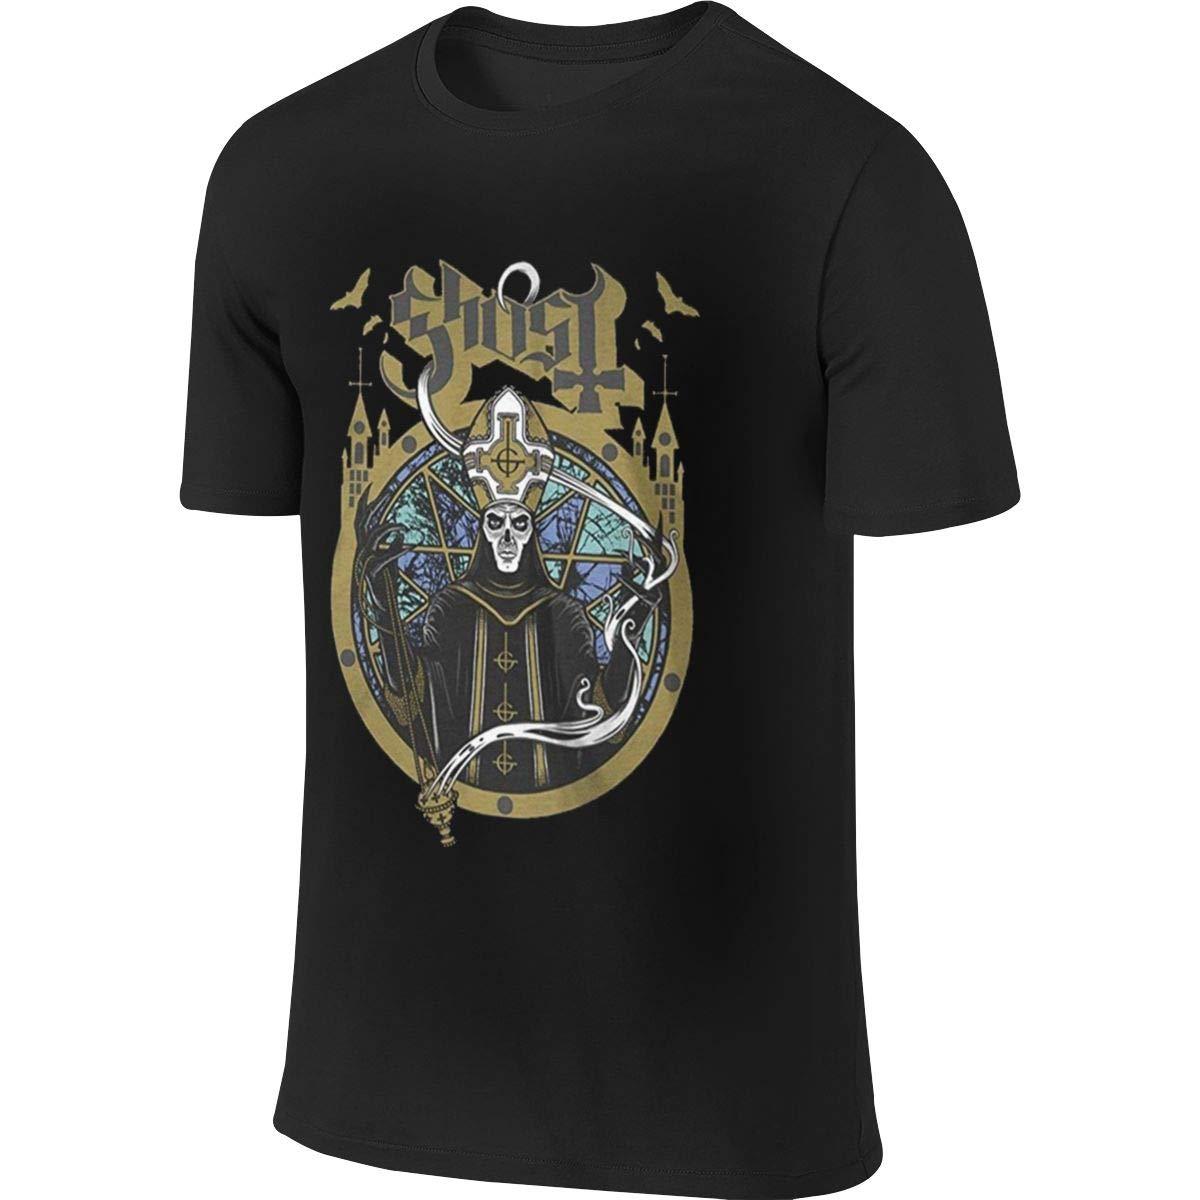 Plastic Head Ghost Satanas Spes Notra T Shirt Humor Running T Shirt 9736